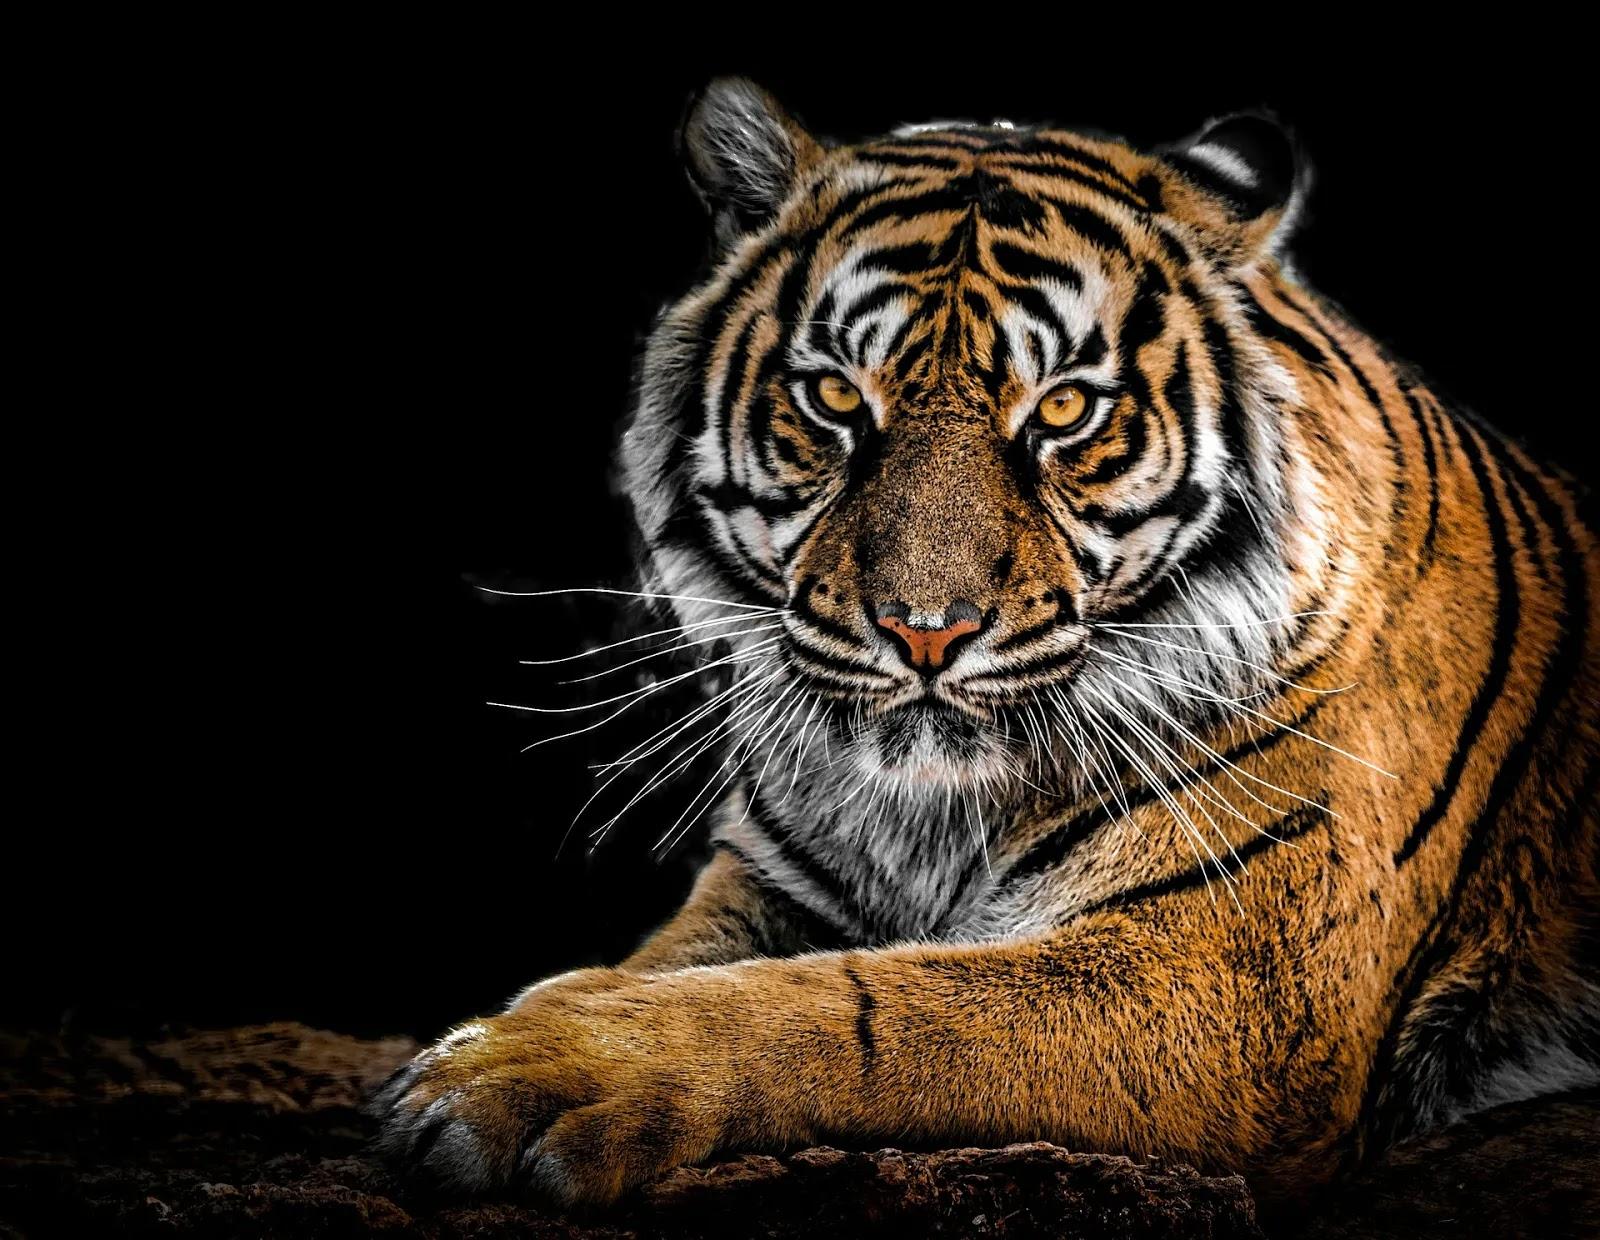 عدو الأسد النمر أخطر الحيوانات